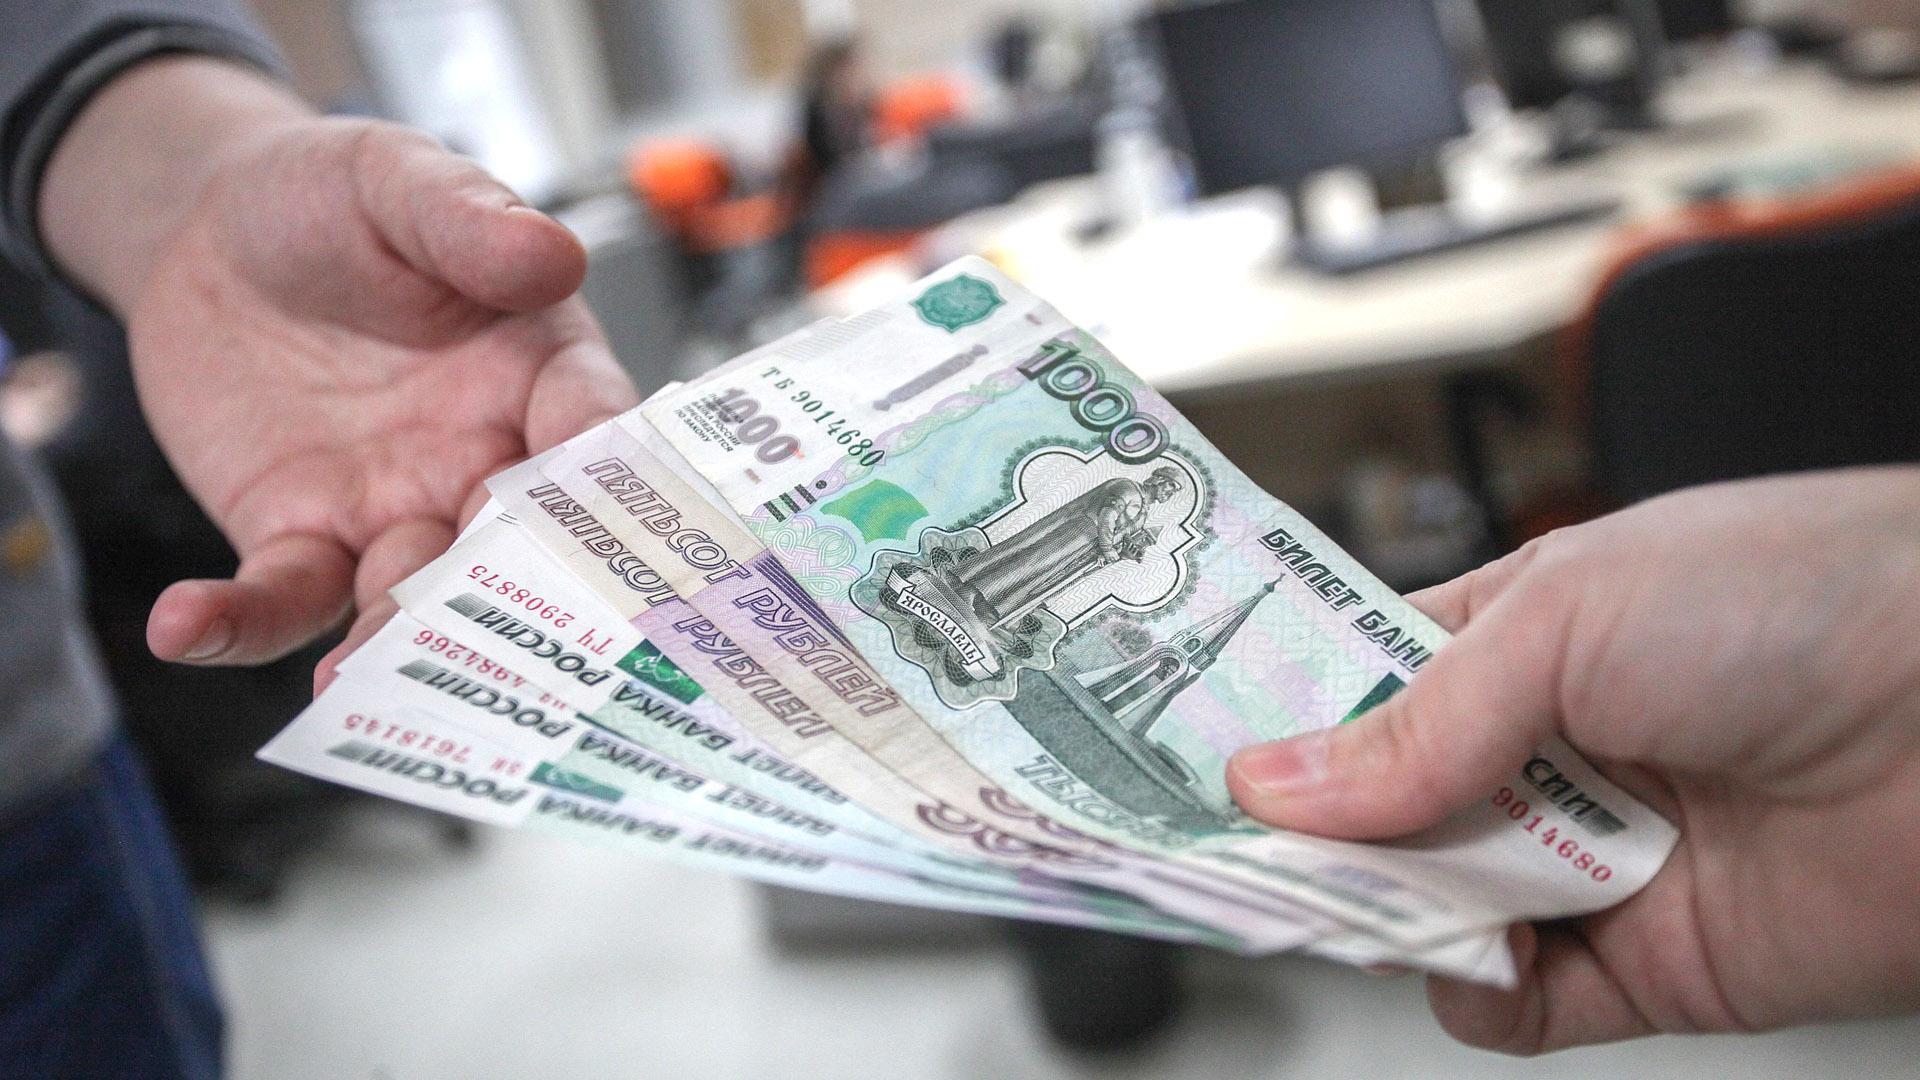 Как вернуть деньги за товар купленный с недостатками